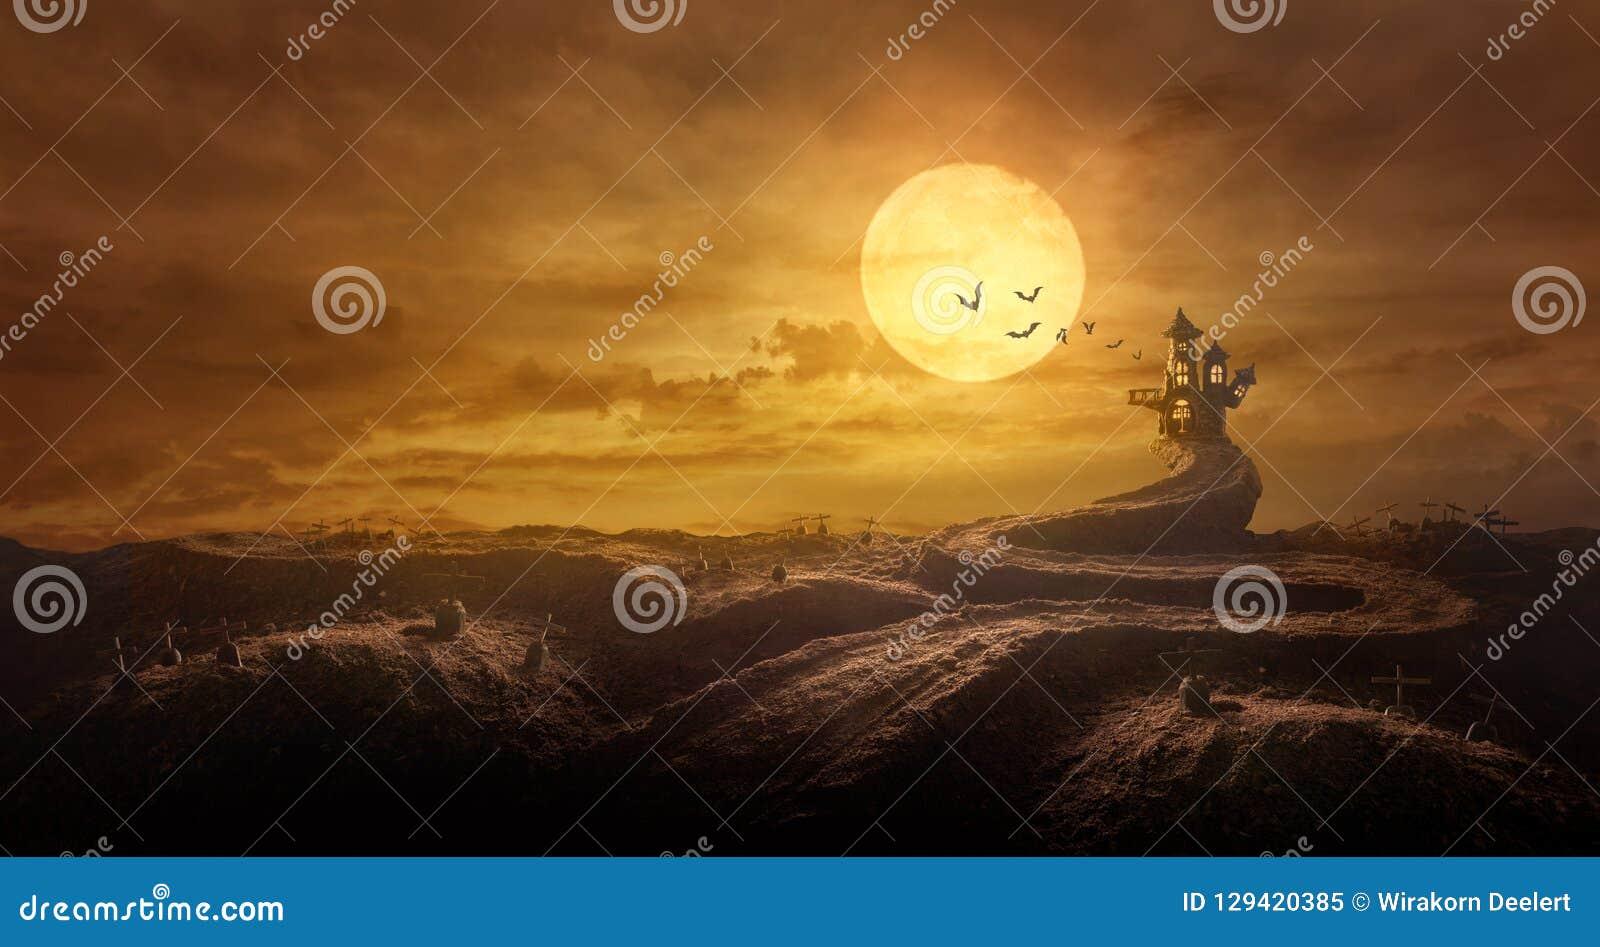 Fondo de Halloween a través del sepulcro estirado del camino para escudarse fantasmagórico en noche de la Luna Llena y del vuelo